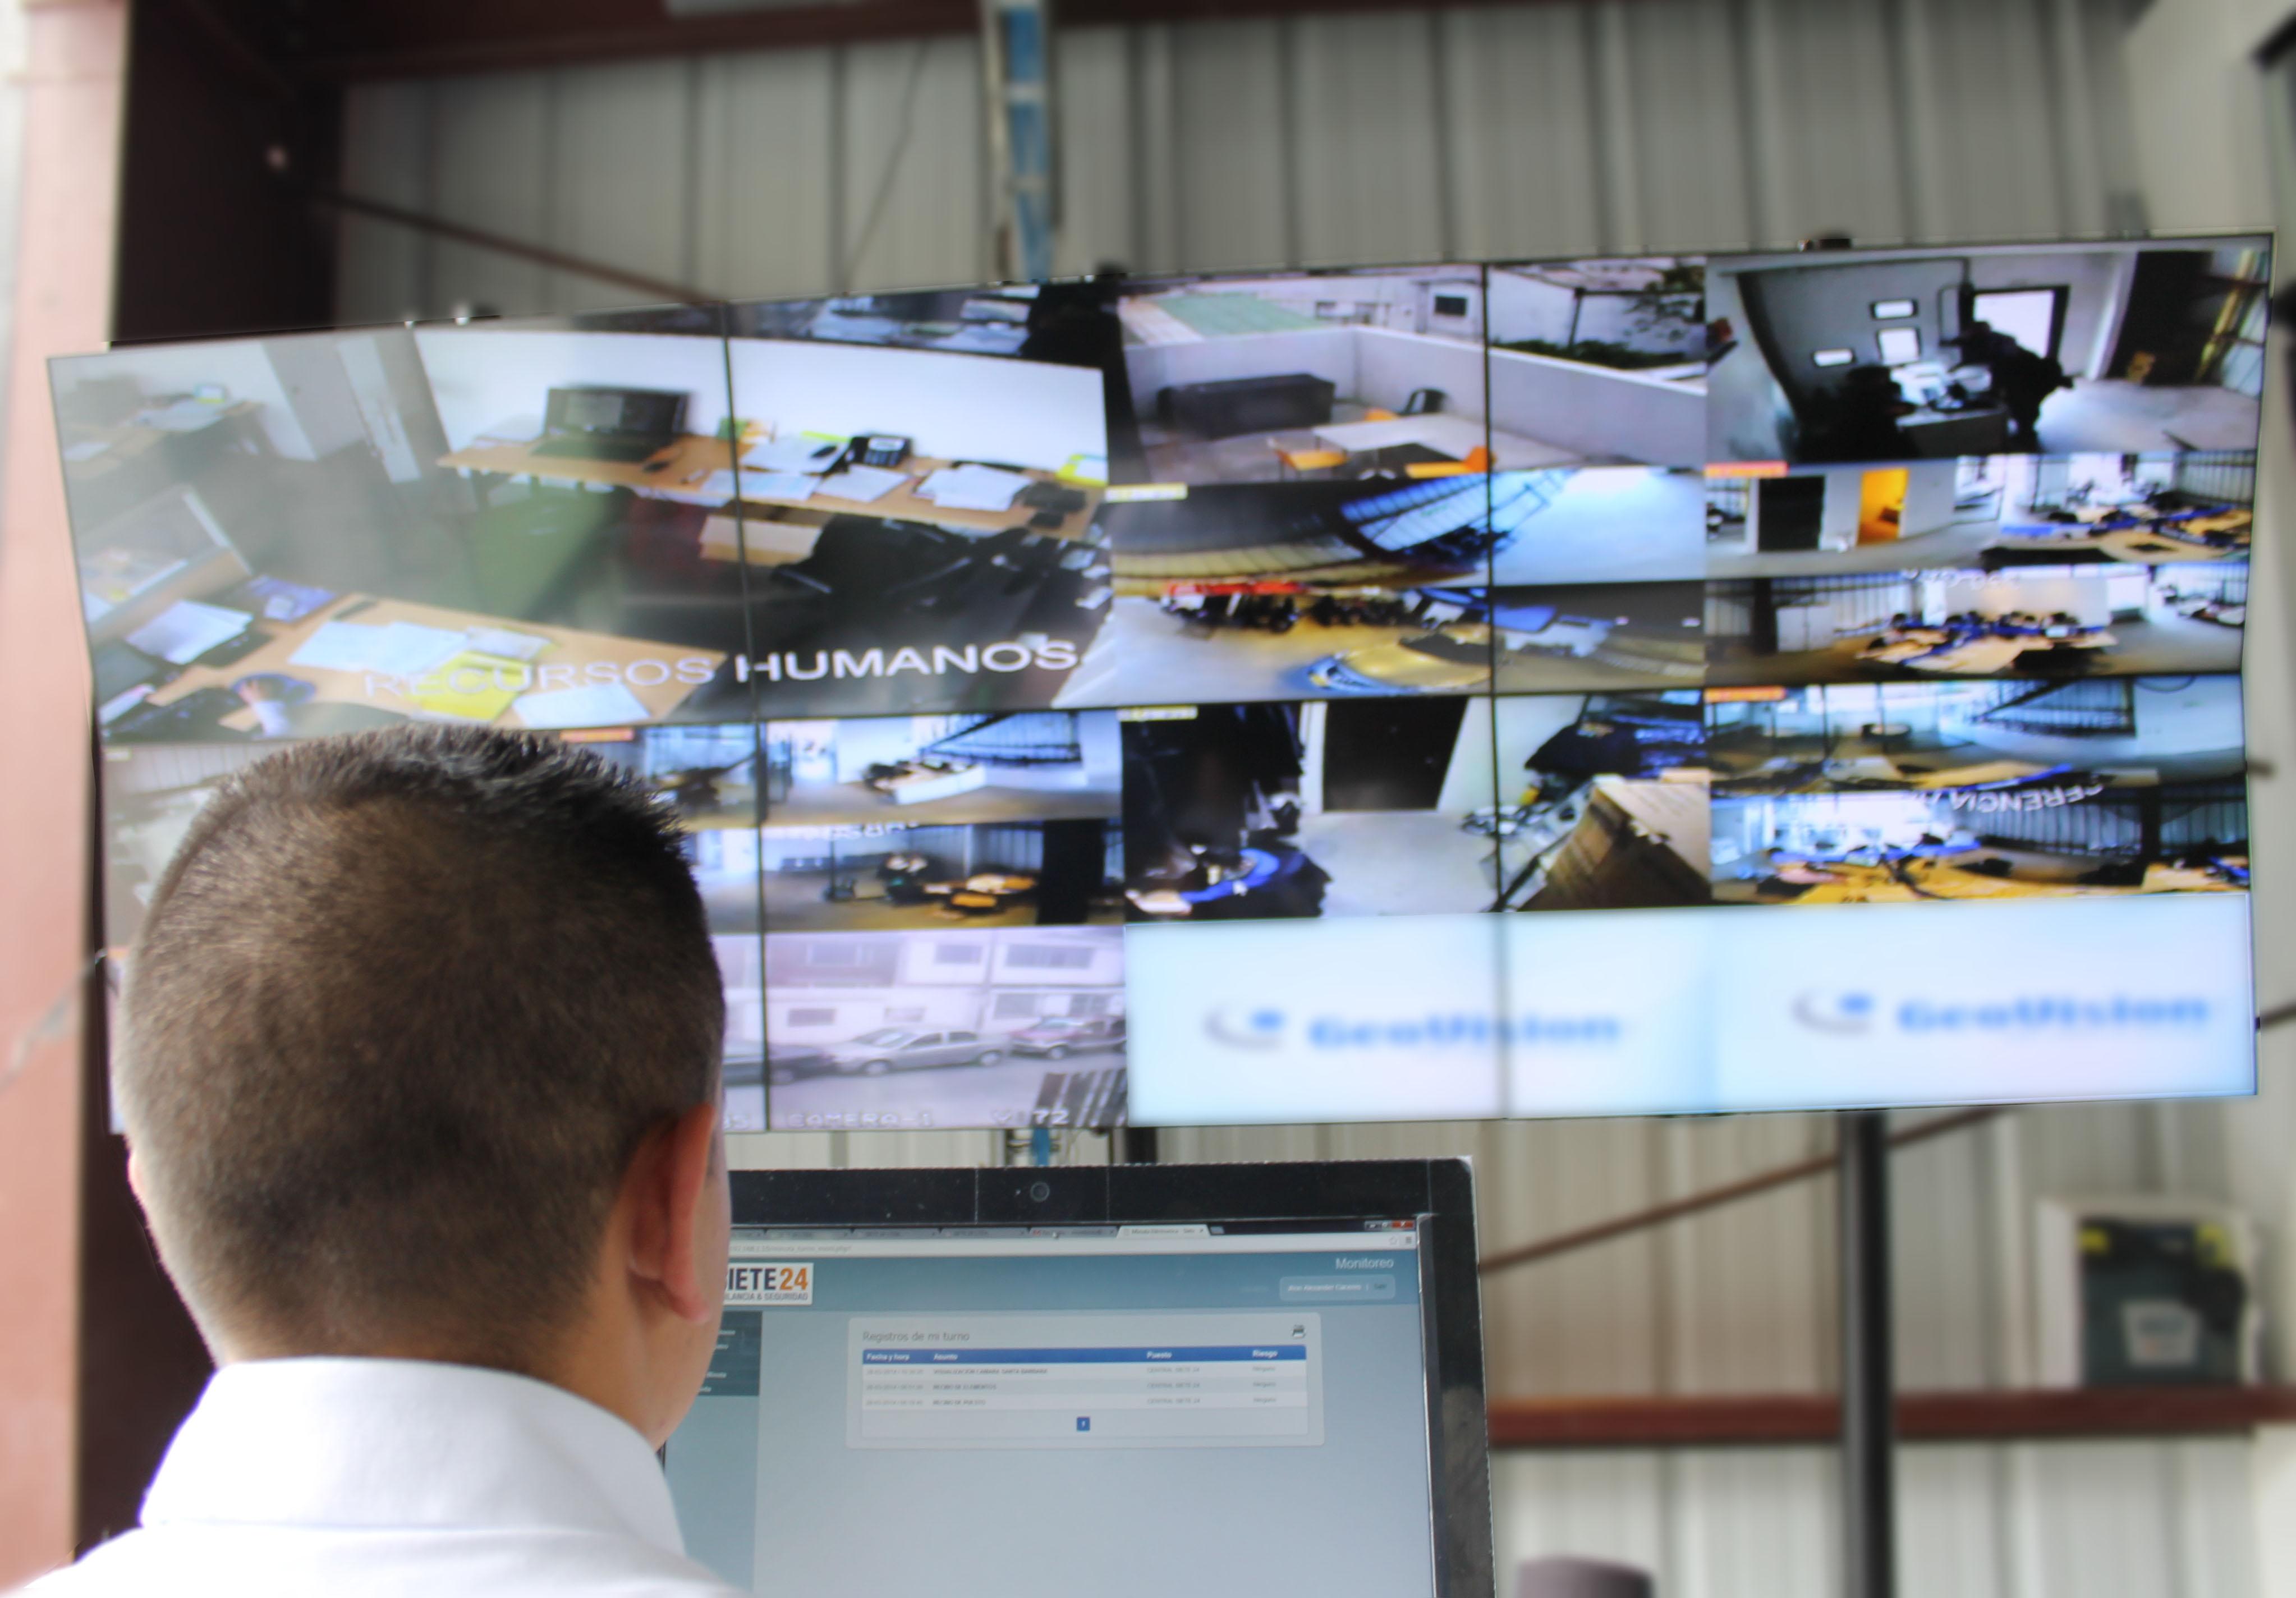 Como elegir un buen sistema de videovigilancia integralti - Sistemas de seguridad ...